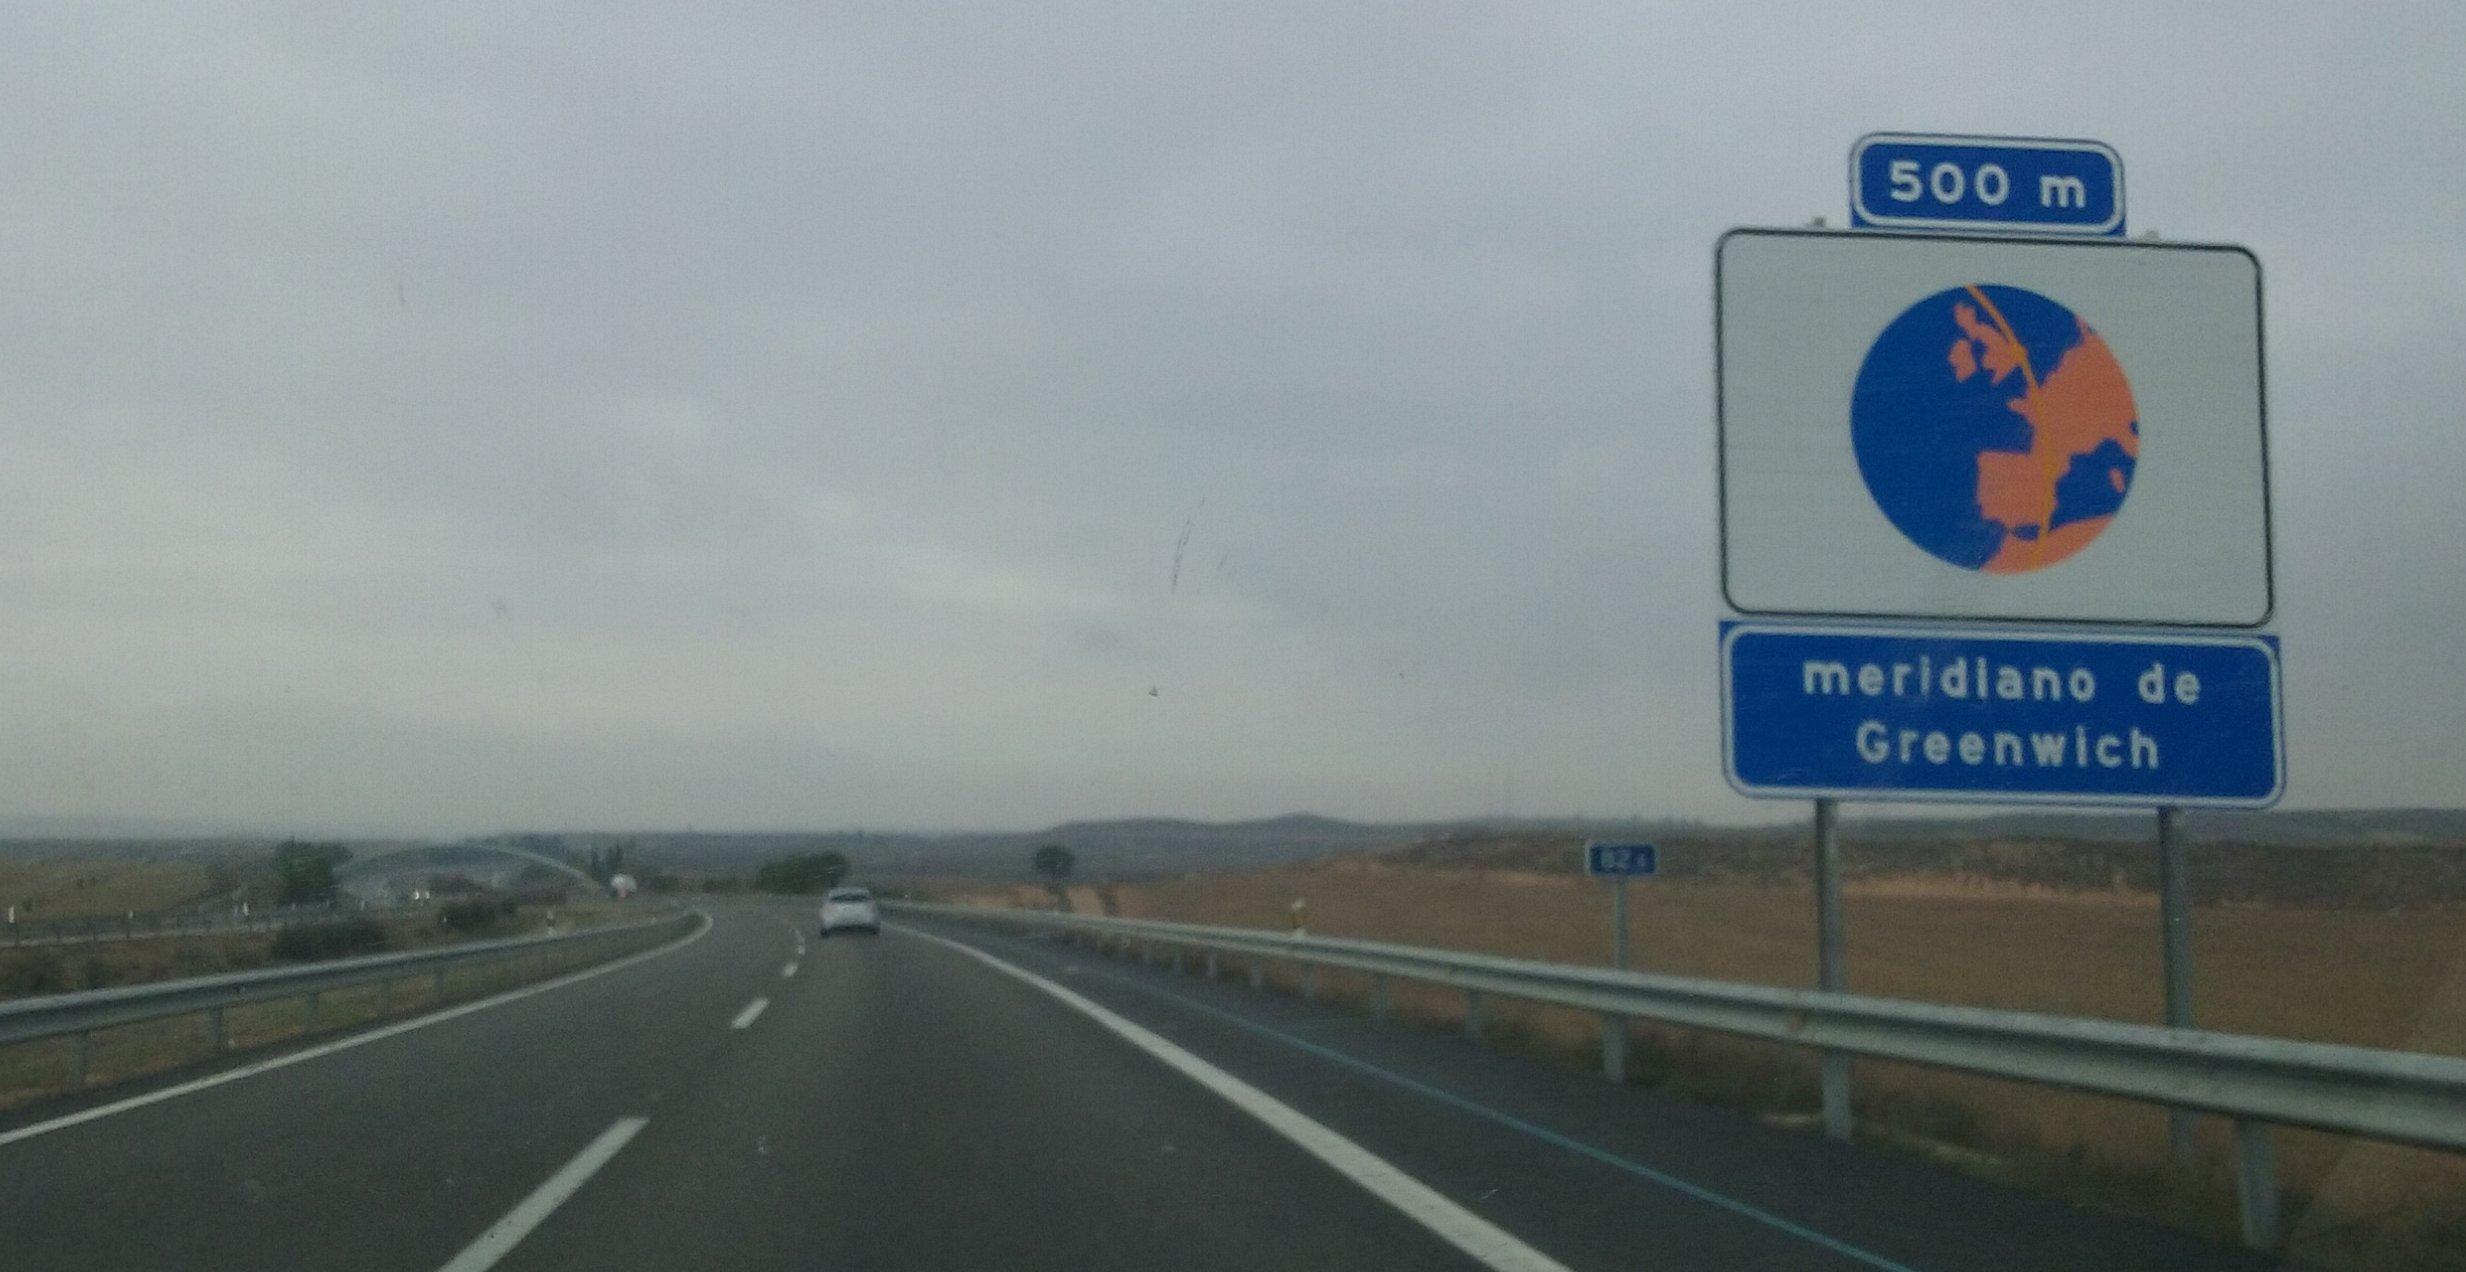 Señal indicativa del paso del meridiano de Greenwich (ED-50) sobre la autopista AP-2 en las inmediaciones de Fraga (Huesca).